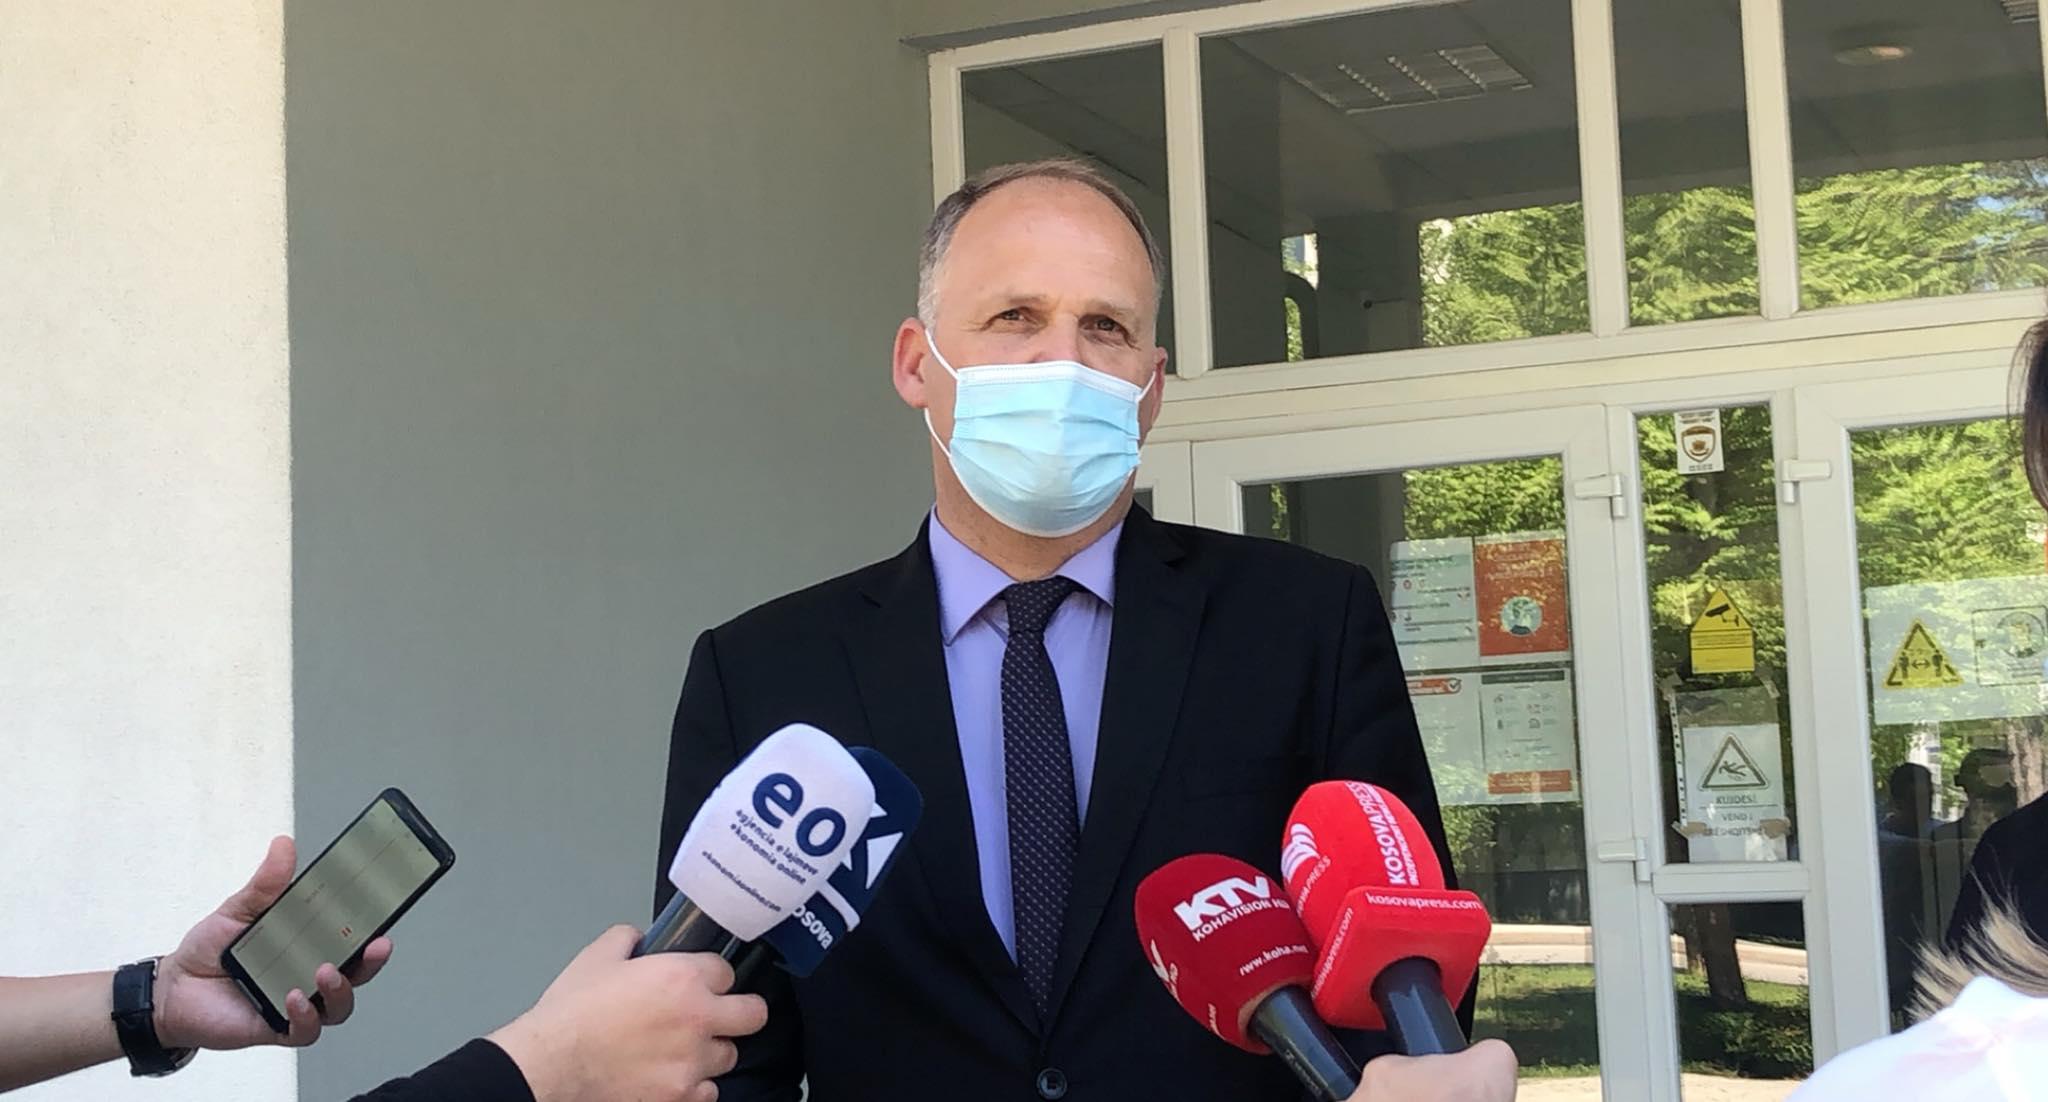 Përmirësohet situata në Kosovë, Krasniqi: Në spitale po trajtohen 426 pacientë